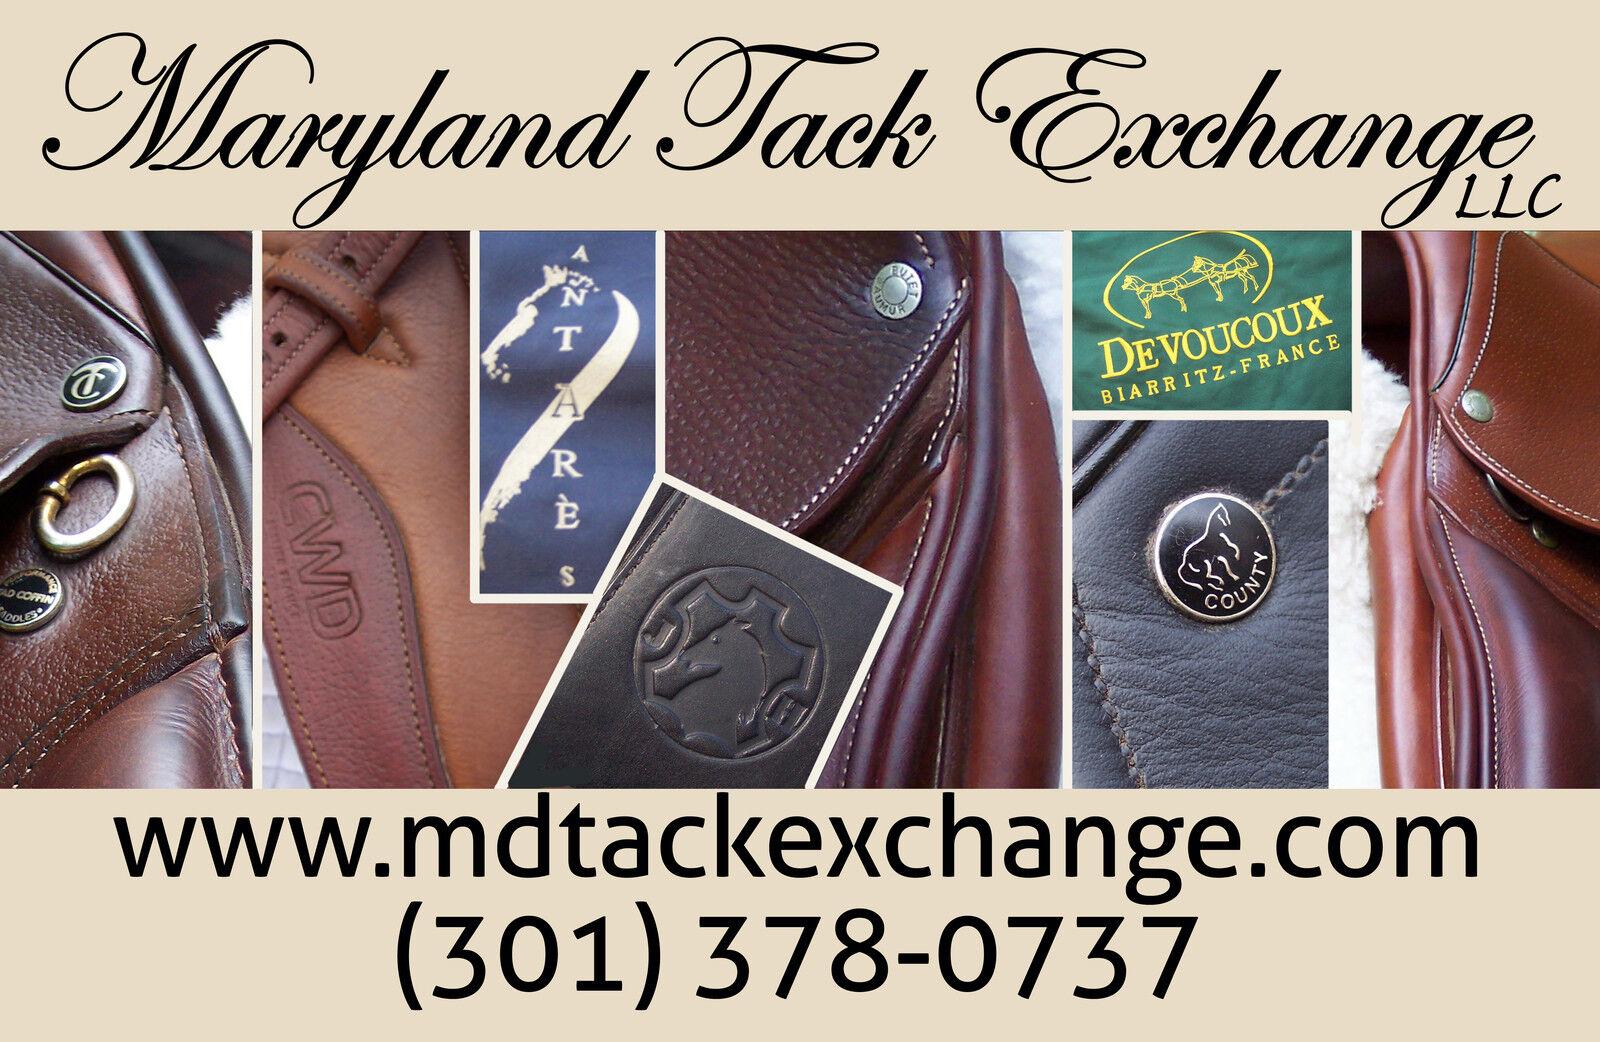 Maryland Tack Exchange